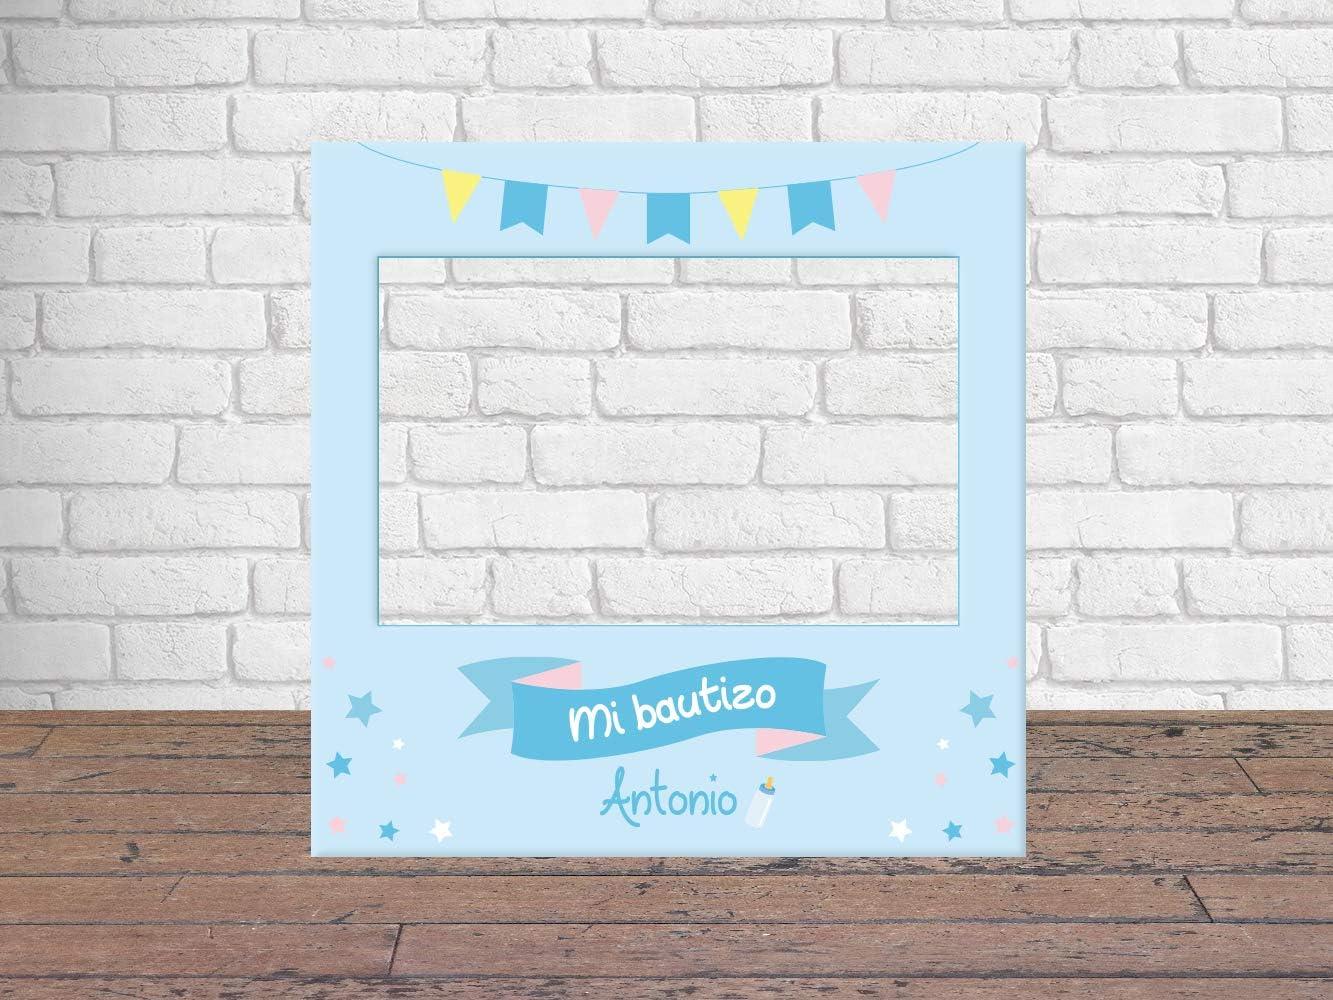 Photocall Bautizo 100 x100 cm | Regalos para Bautizos | Photocall Económico y Original | Ideas para Regalos | Regalos Personalizados de Bautizos